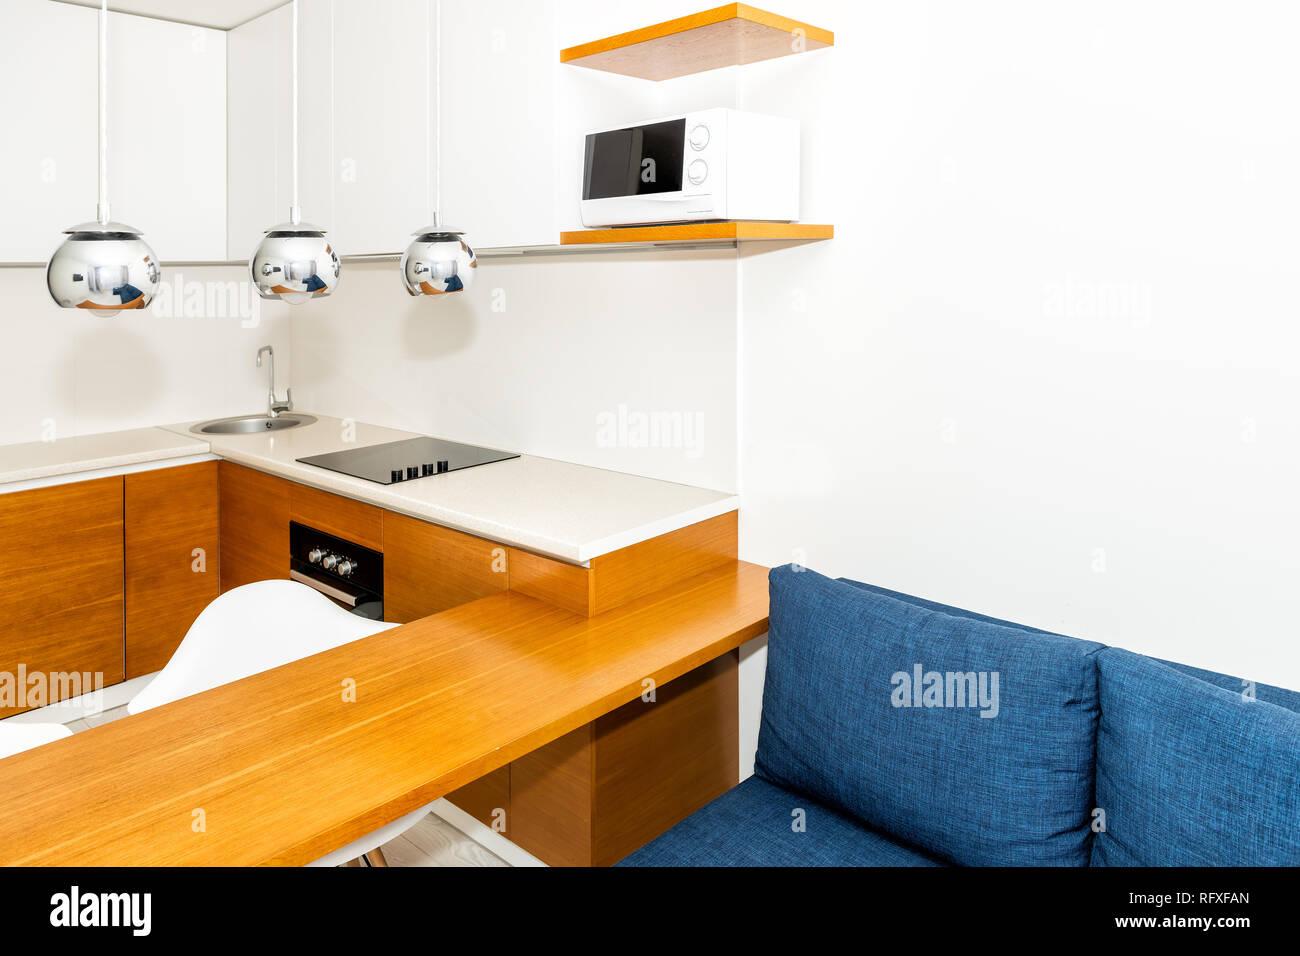 Moderne in legno di colore arancione caratteristiche cucina armadi